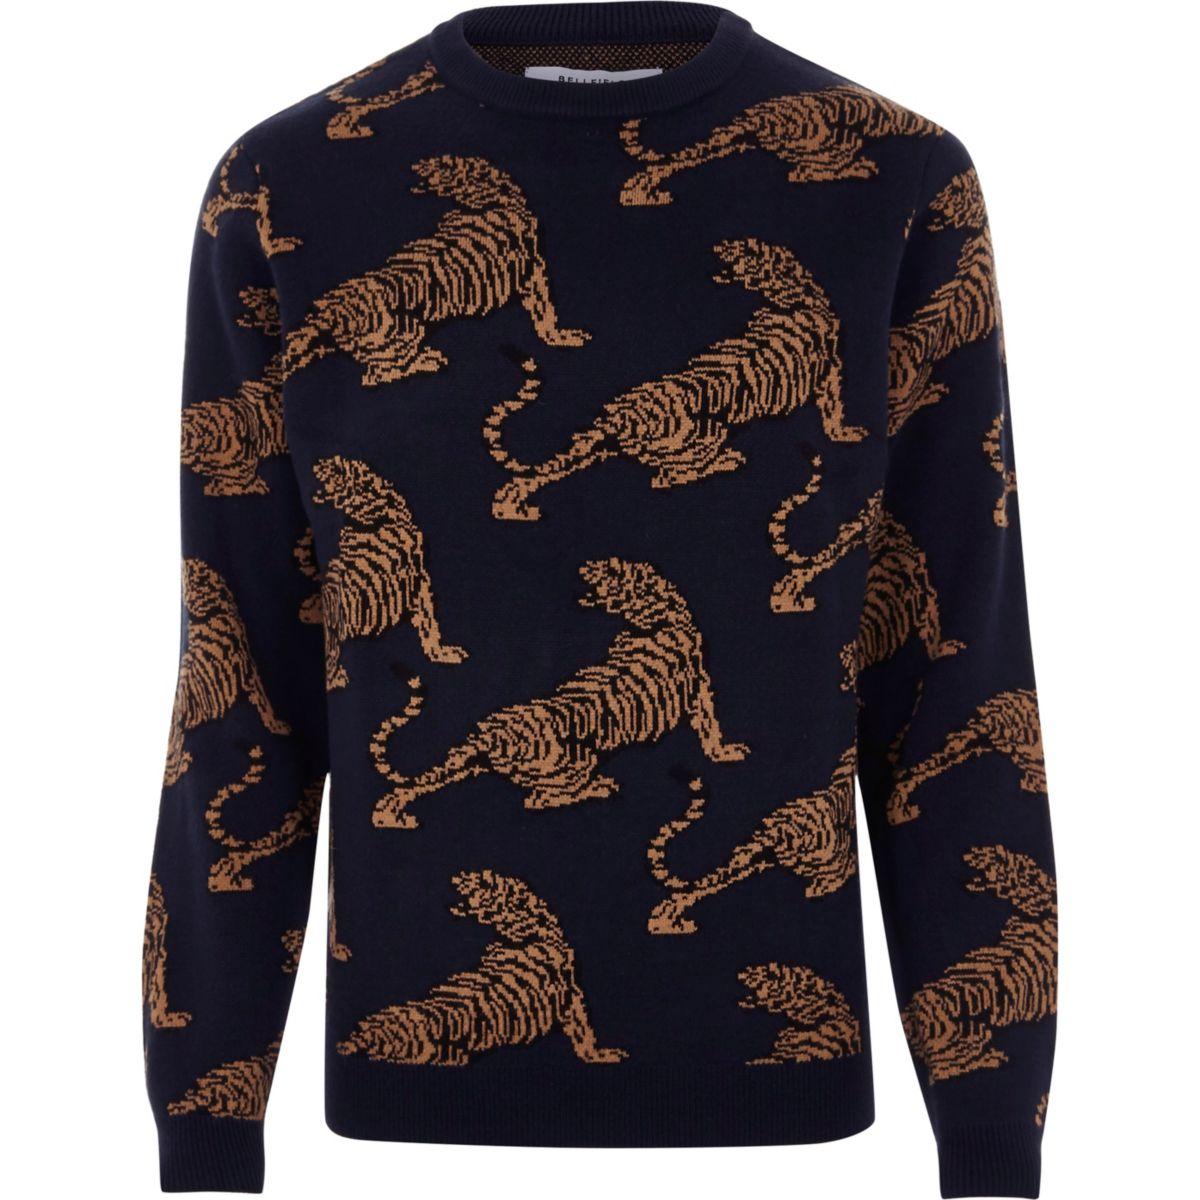 Black Bellfield tiger print knit sweater